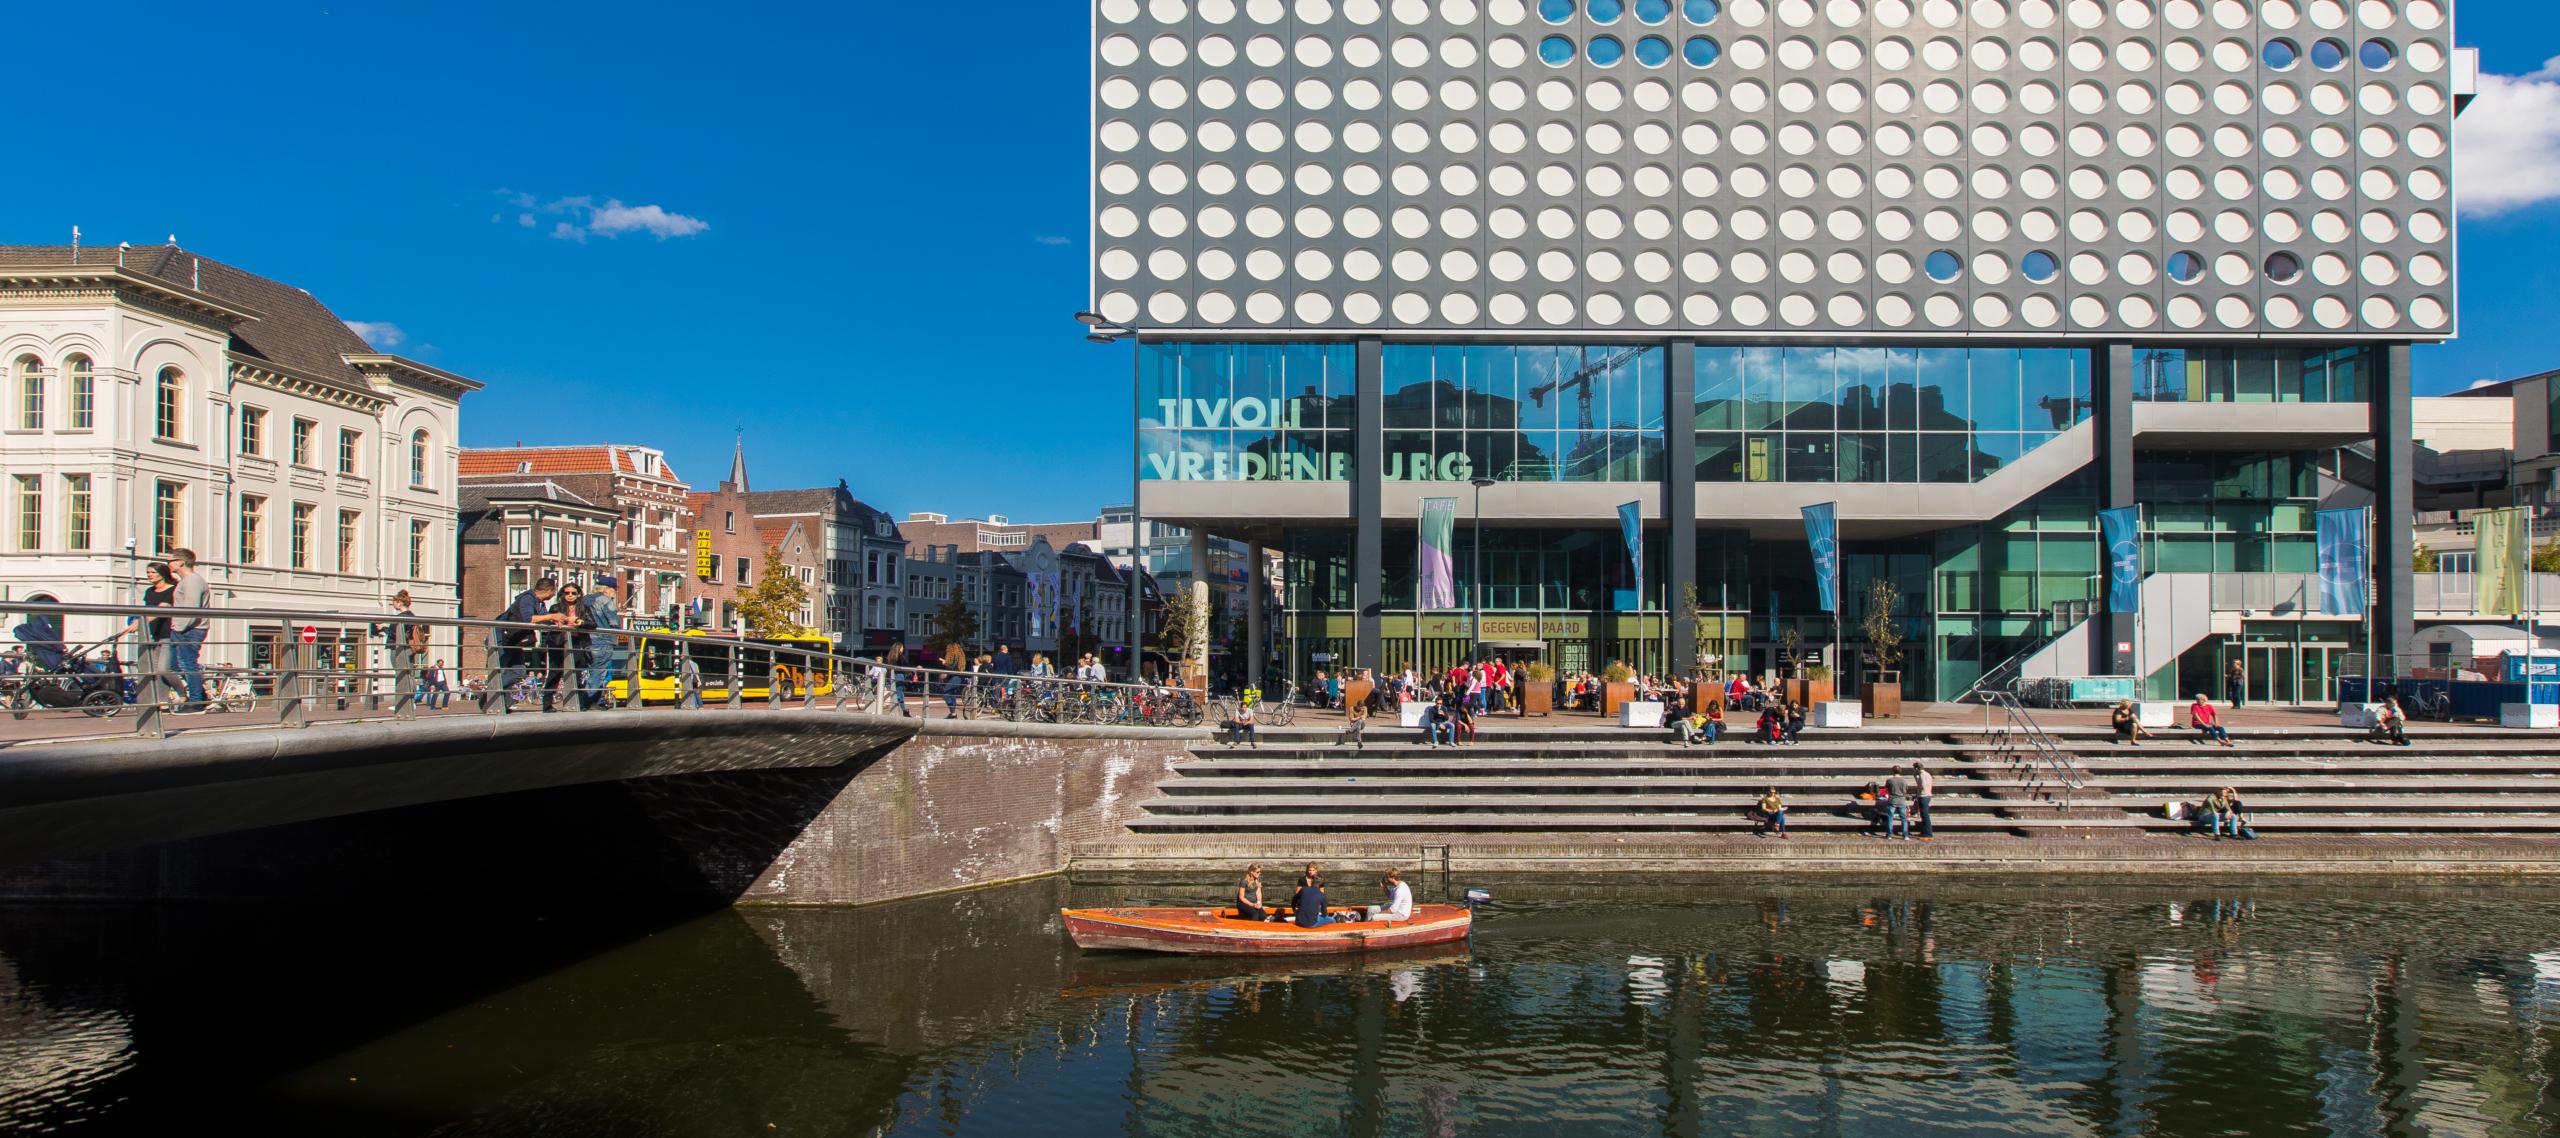 singel van Utrecht met een kano erin, op de achtergrond staat het gebouw van Tivoli Vredenburg en het centrum van Utrecht.